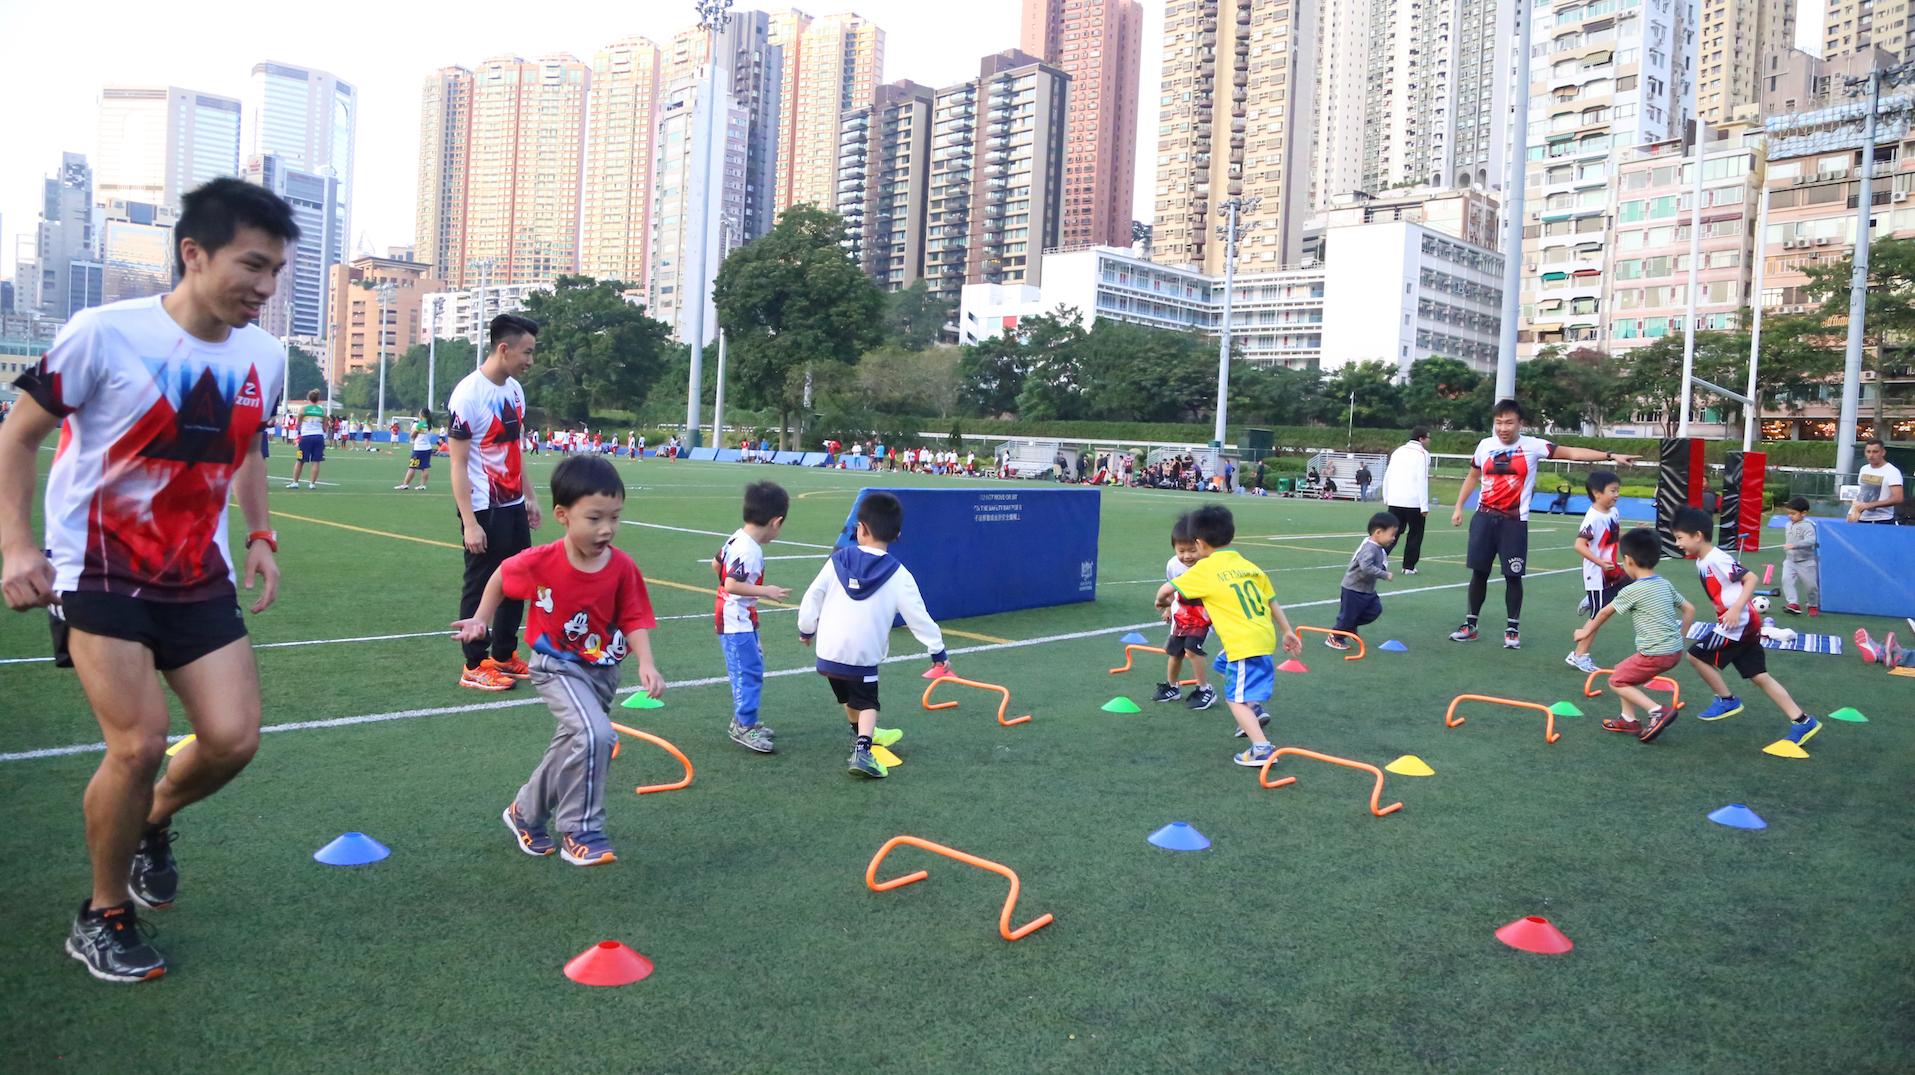 所有遊戲都以小朋友能開心跑為目標,唔遠、唔chur。